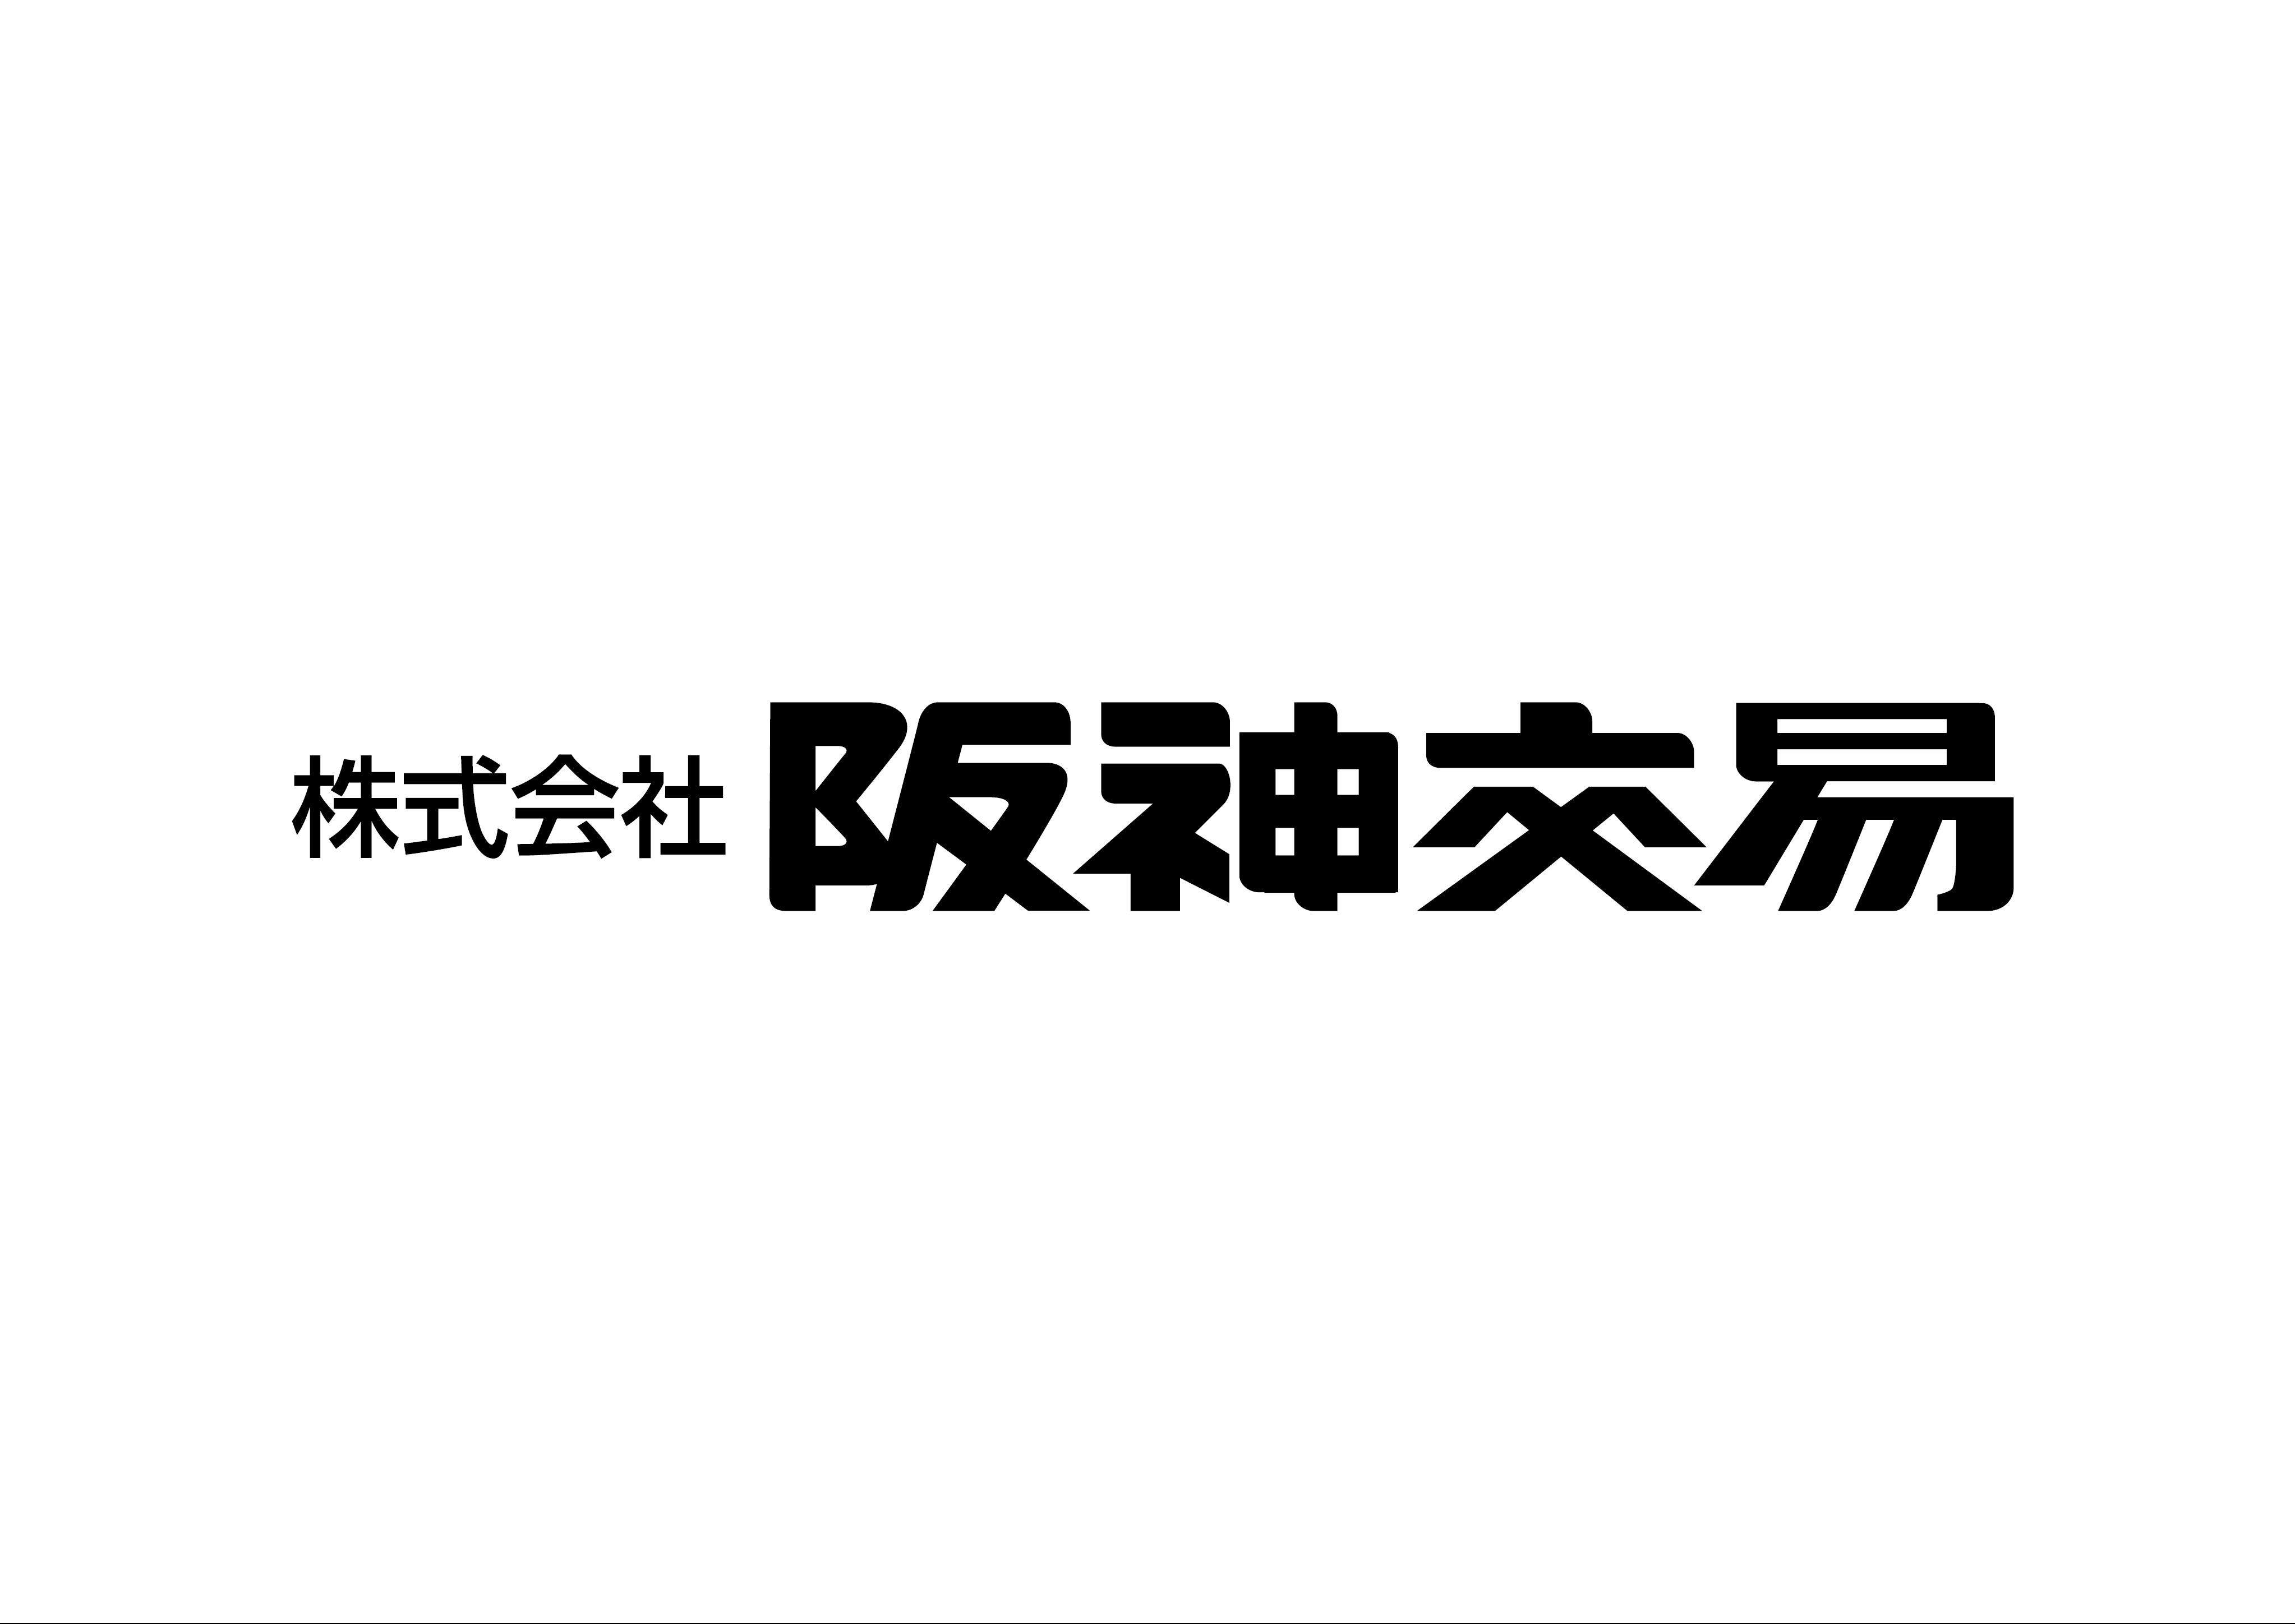 株式会社阪神交易